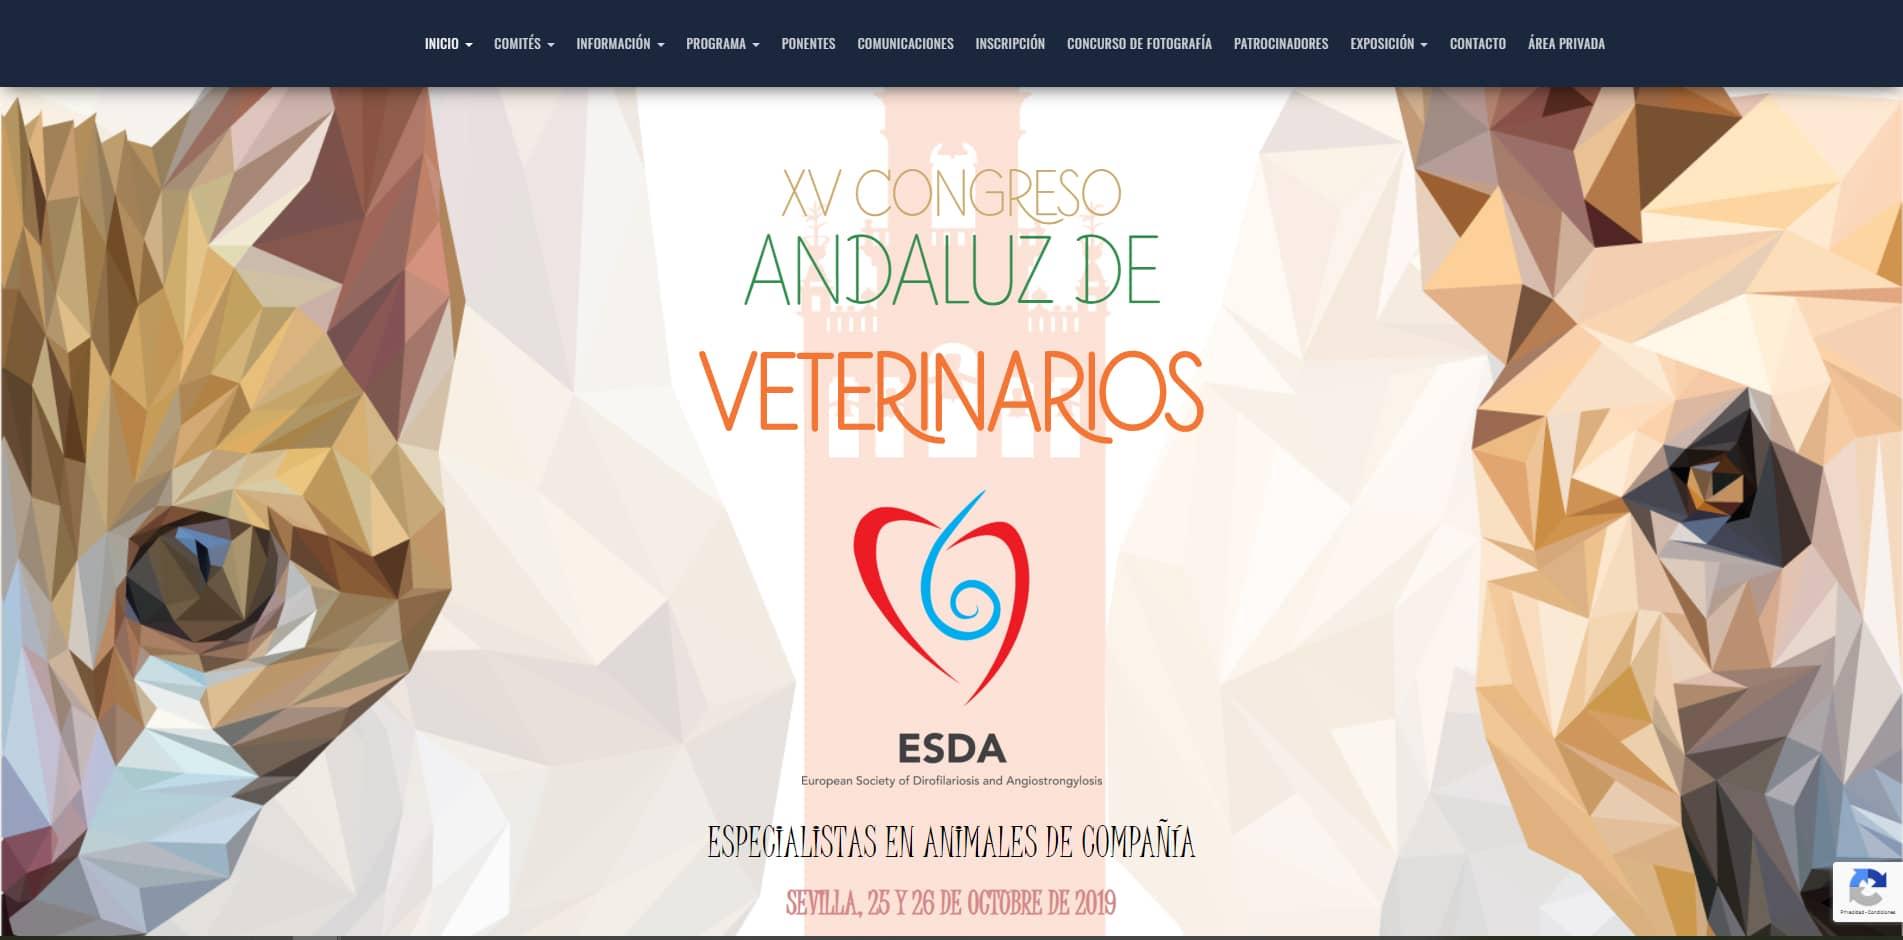 veterinarios-web